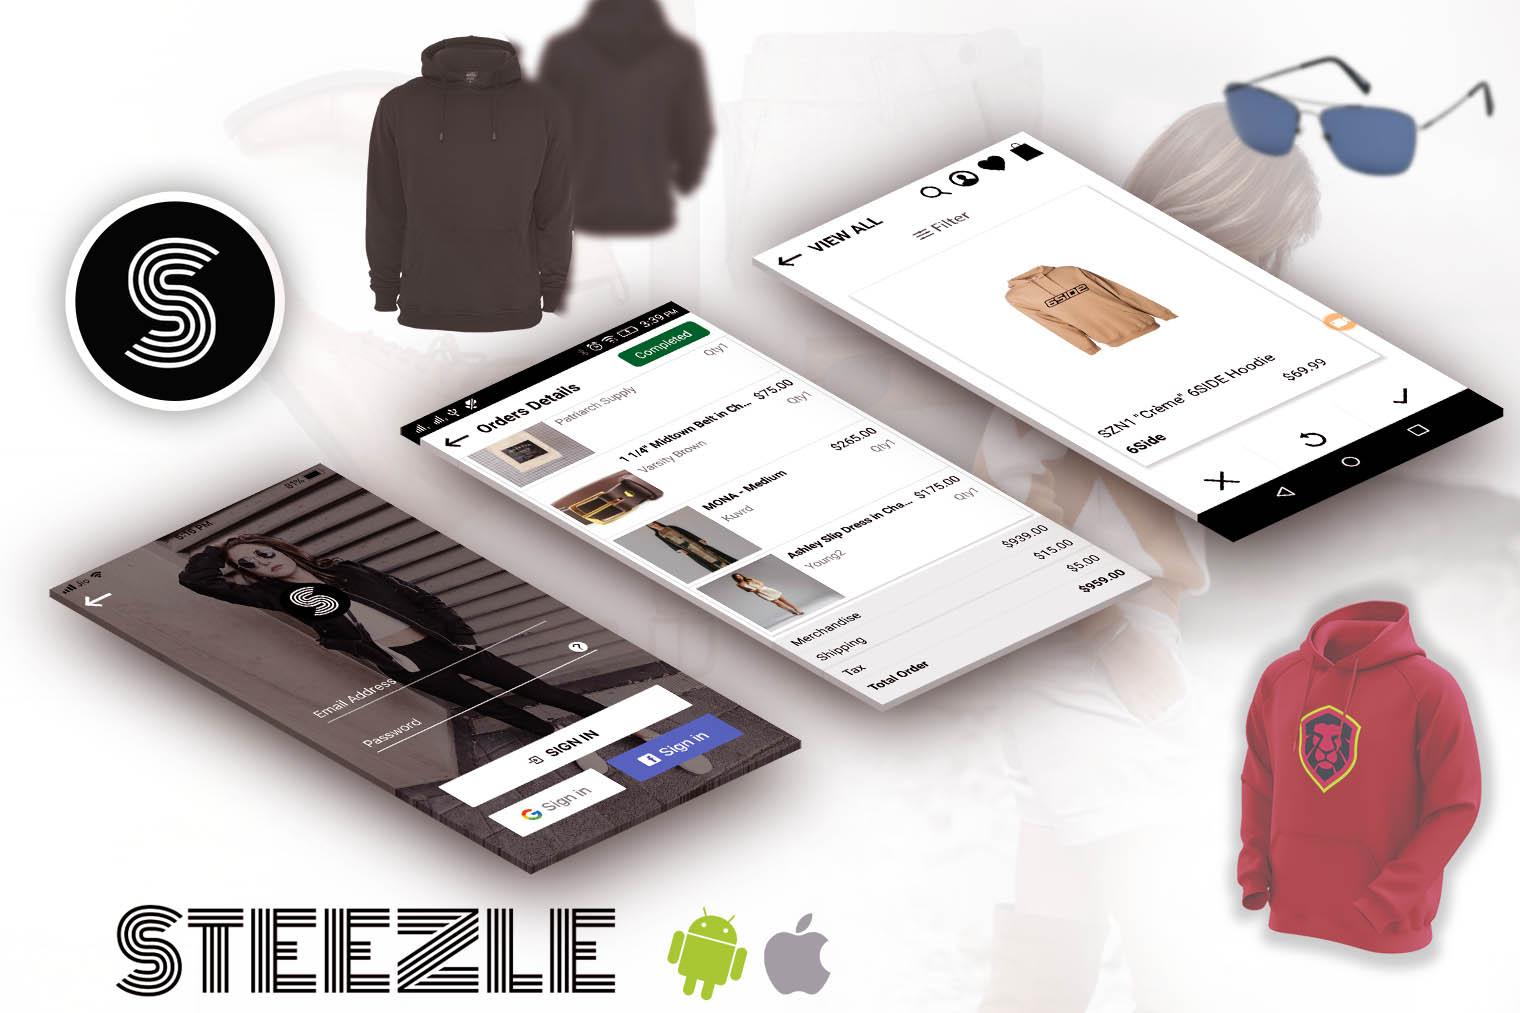 Steezle